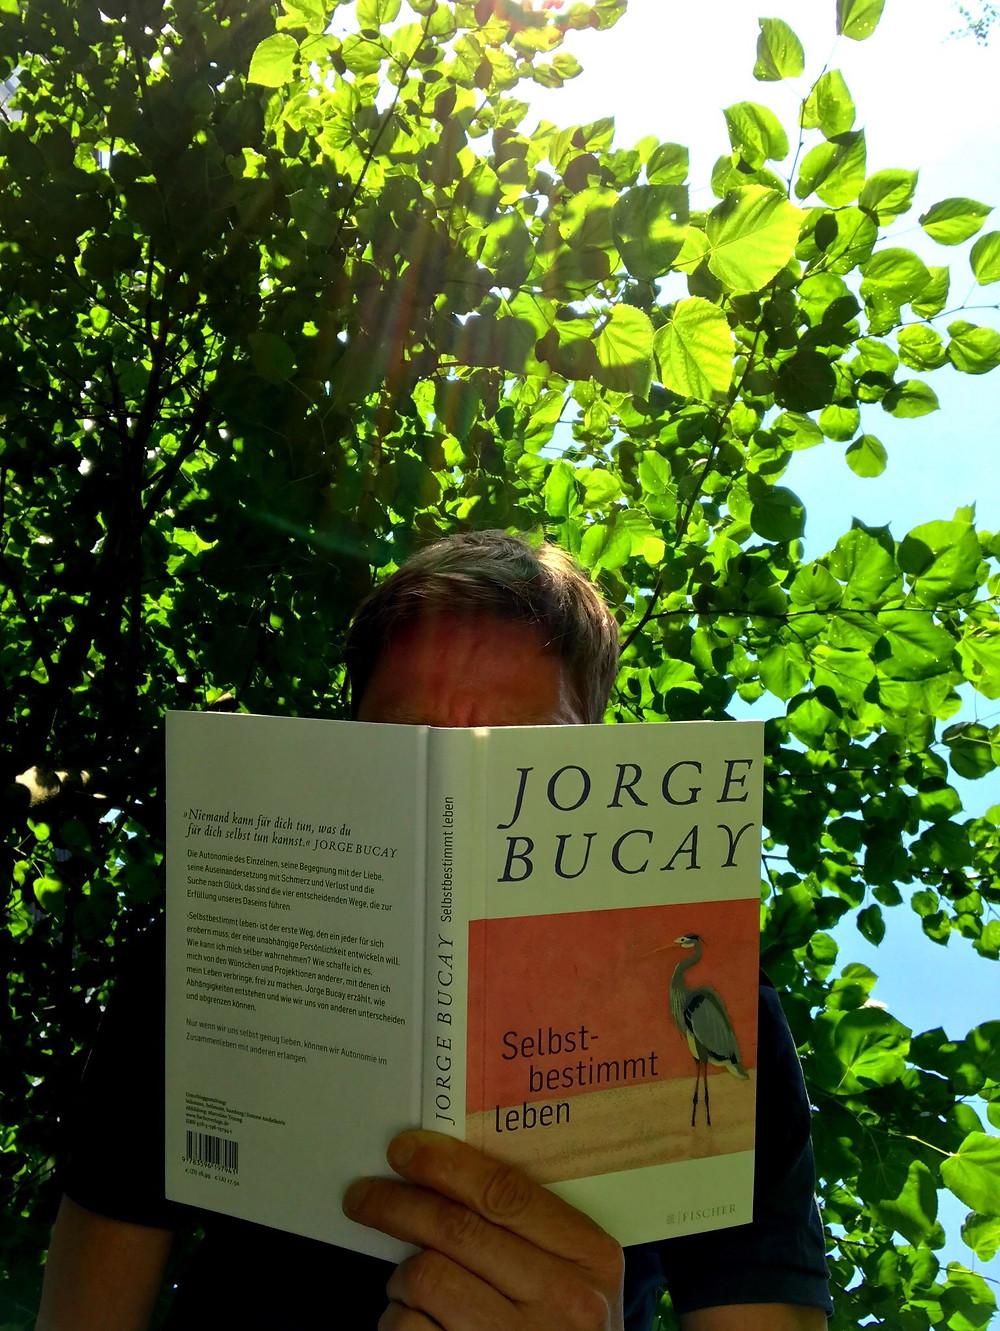 German Cover of Jorge Bucay's El camino de la autodependencia, published by Fischer Verlag